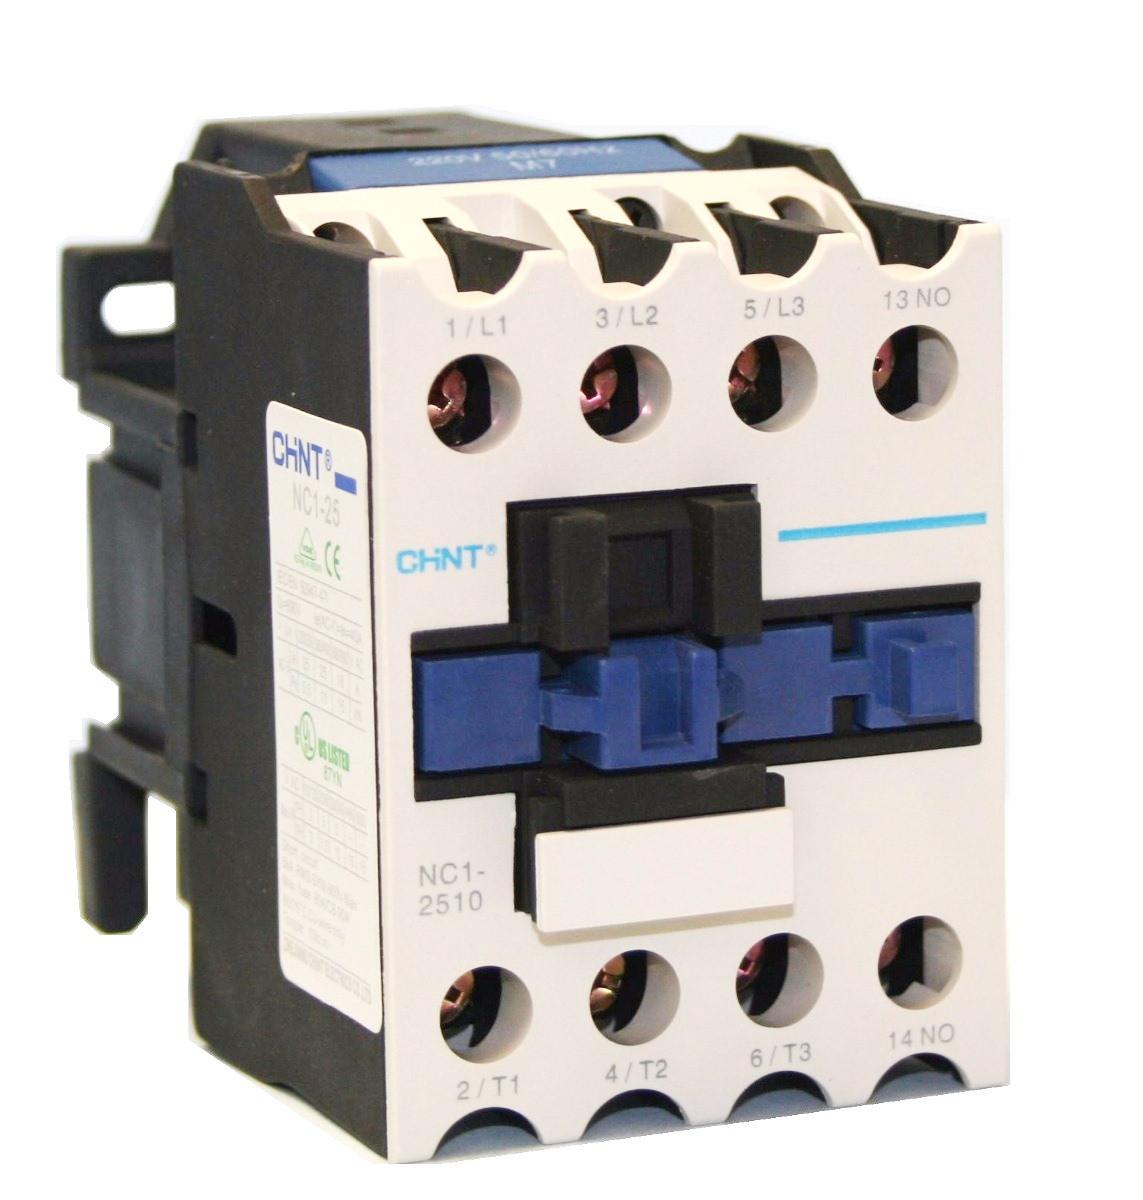 Контактор NC1-2510 25А 1NO 220V